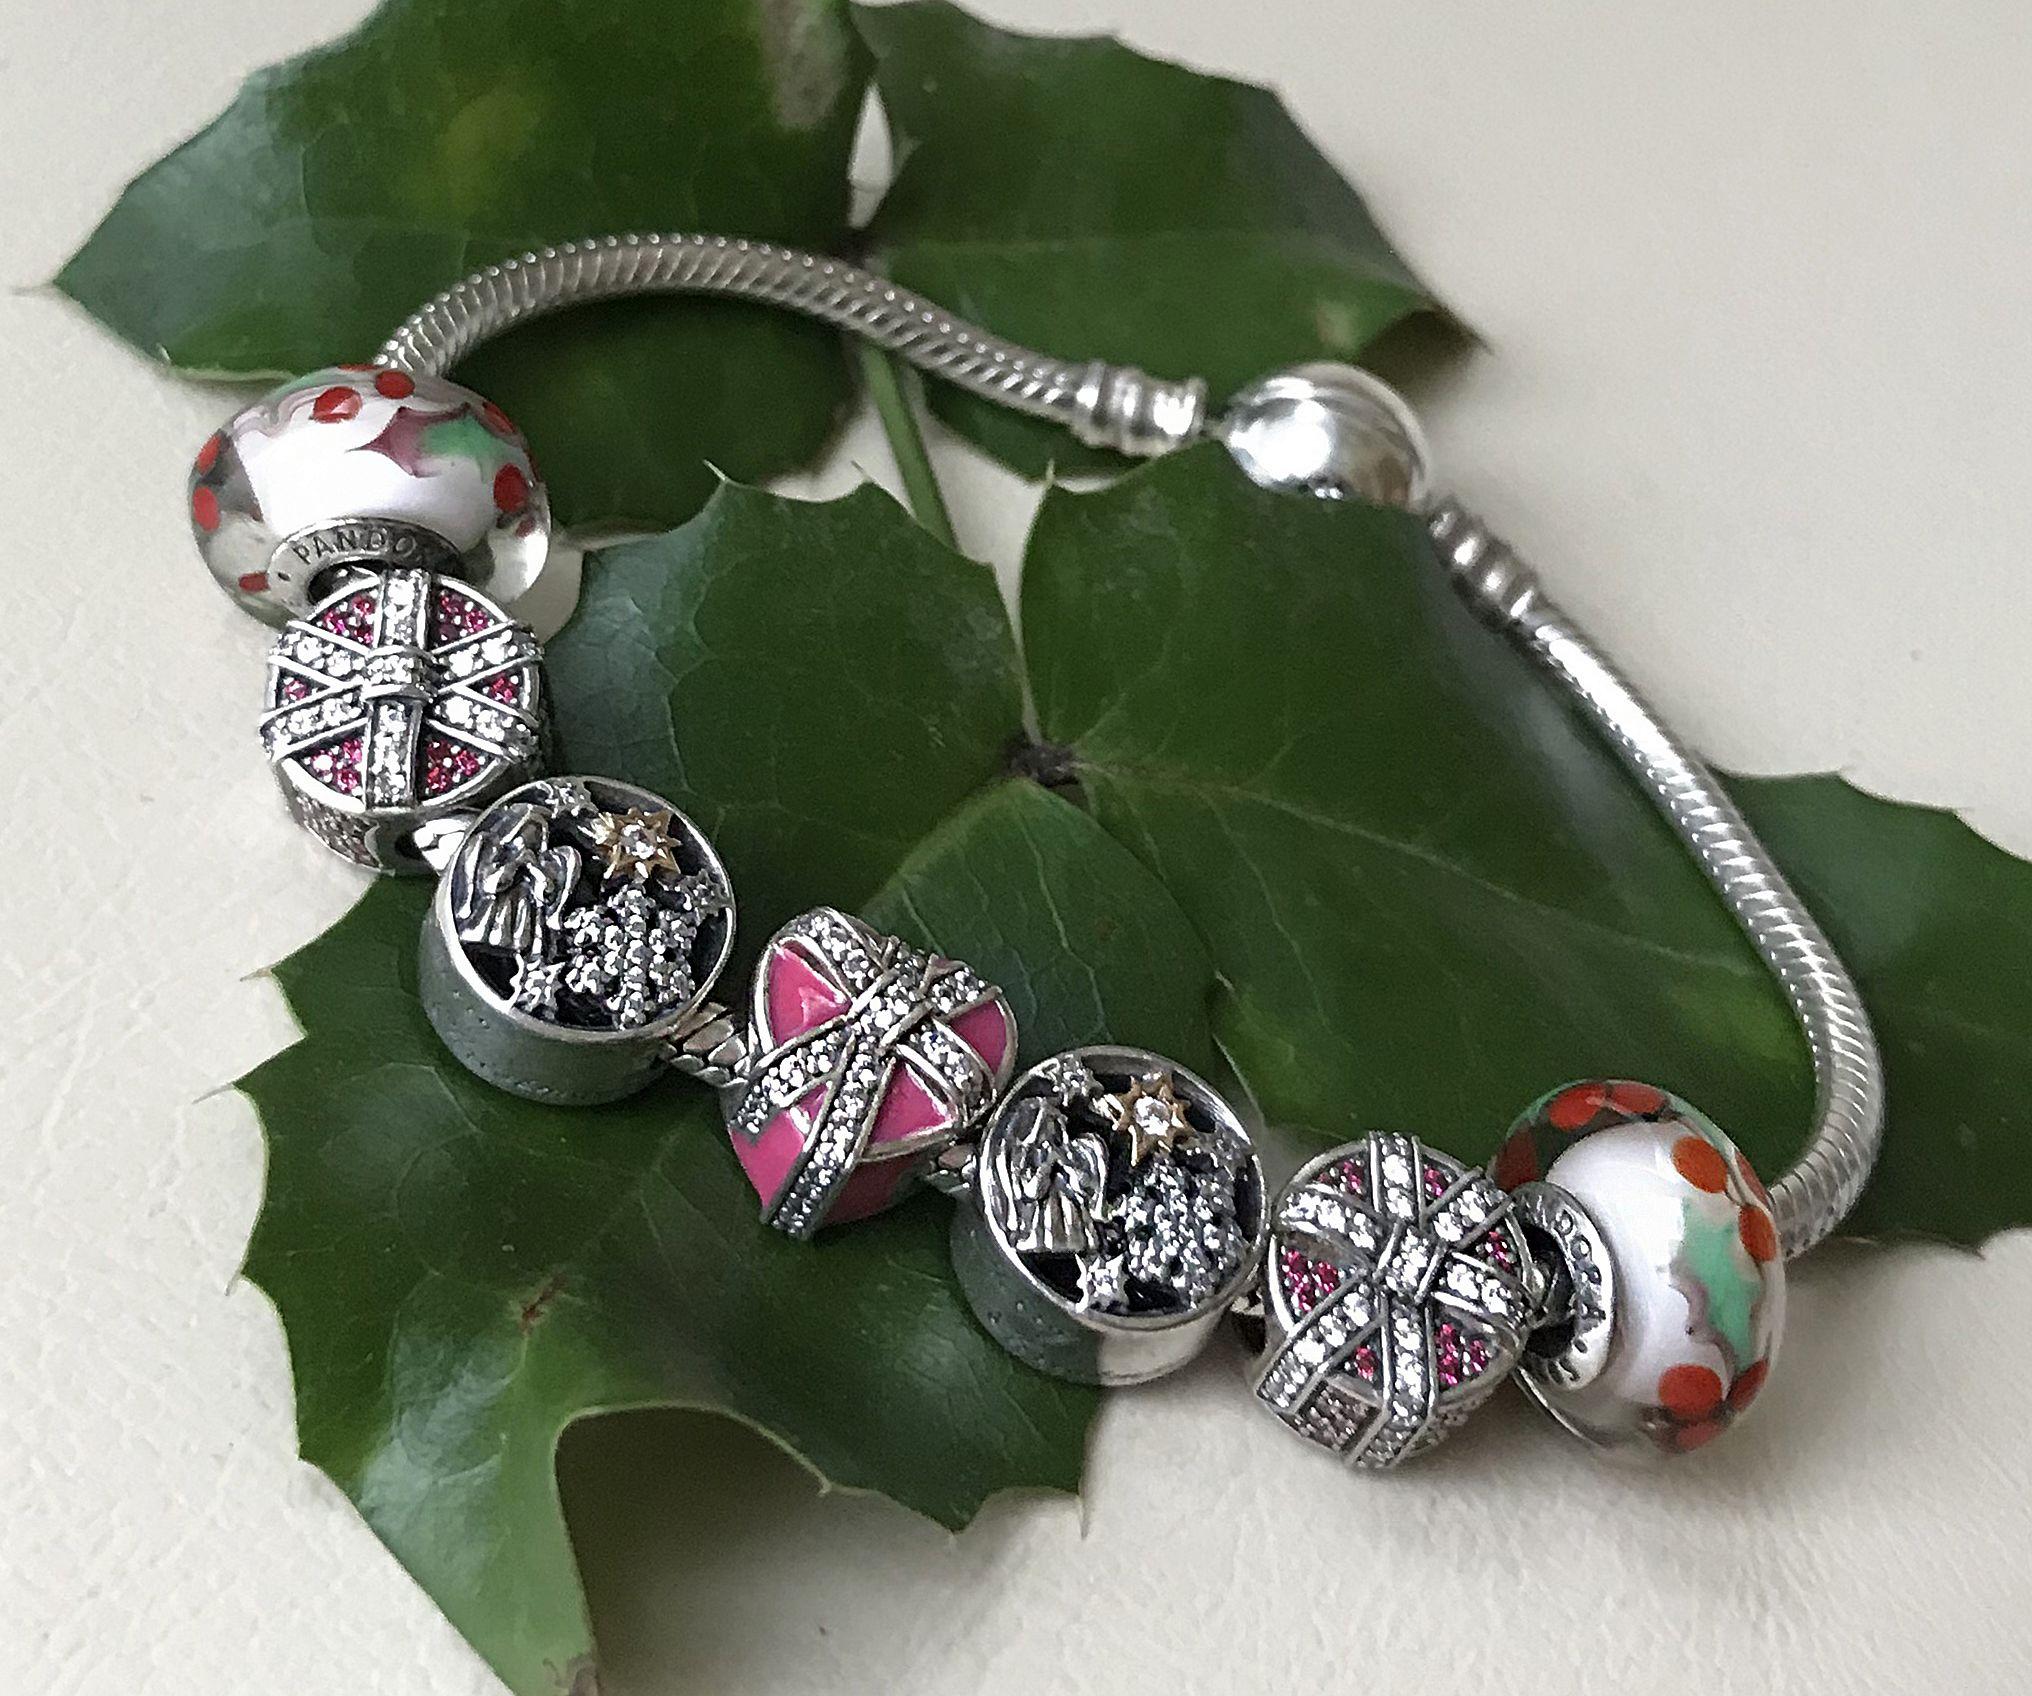 A legszebb karácsonyi Pandora charmok - a Moments Box kedvencei